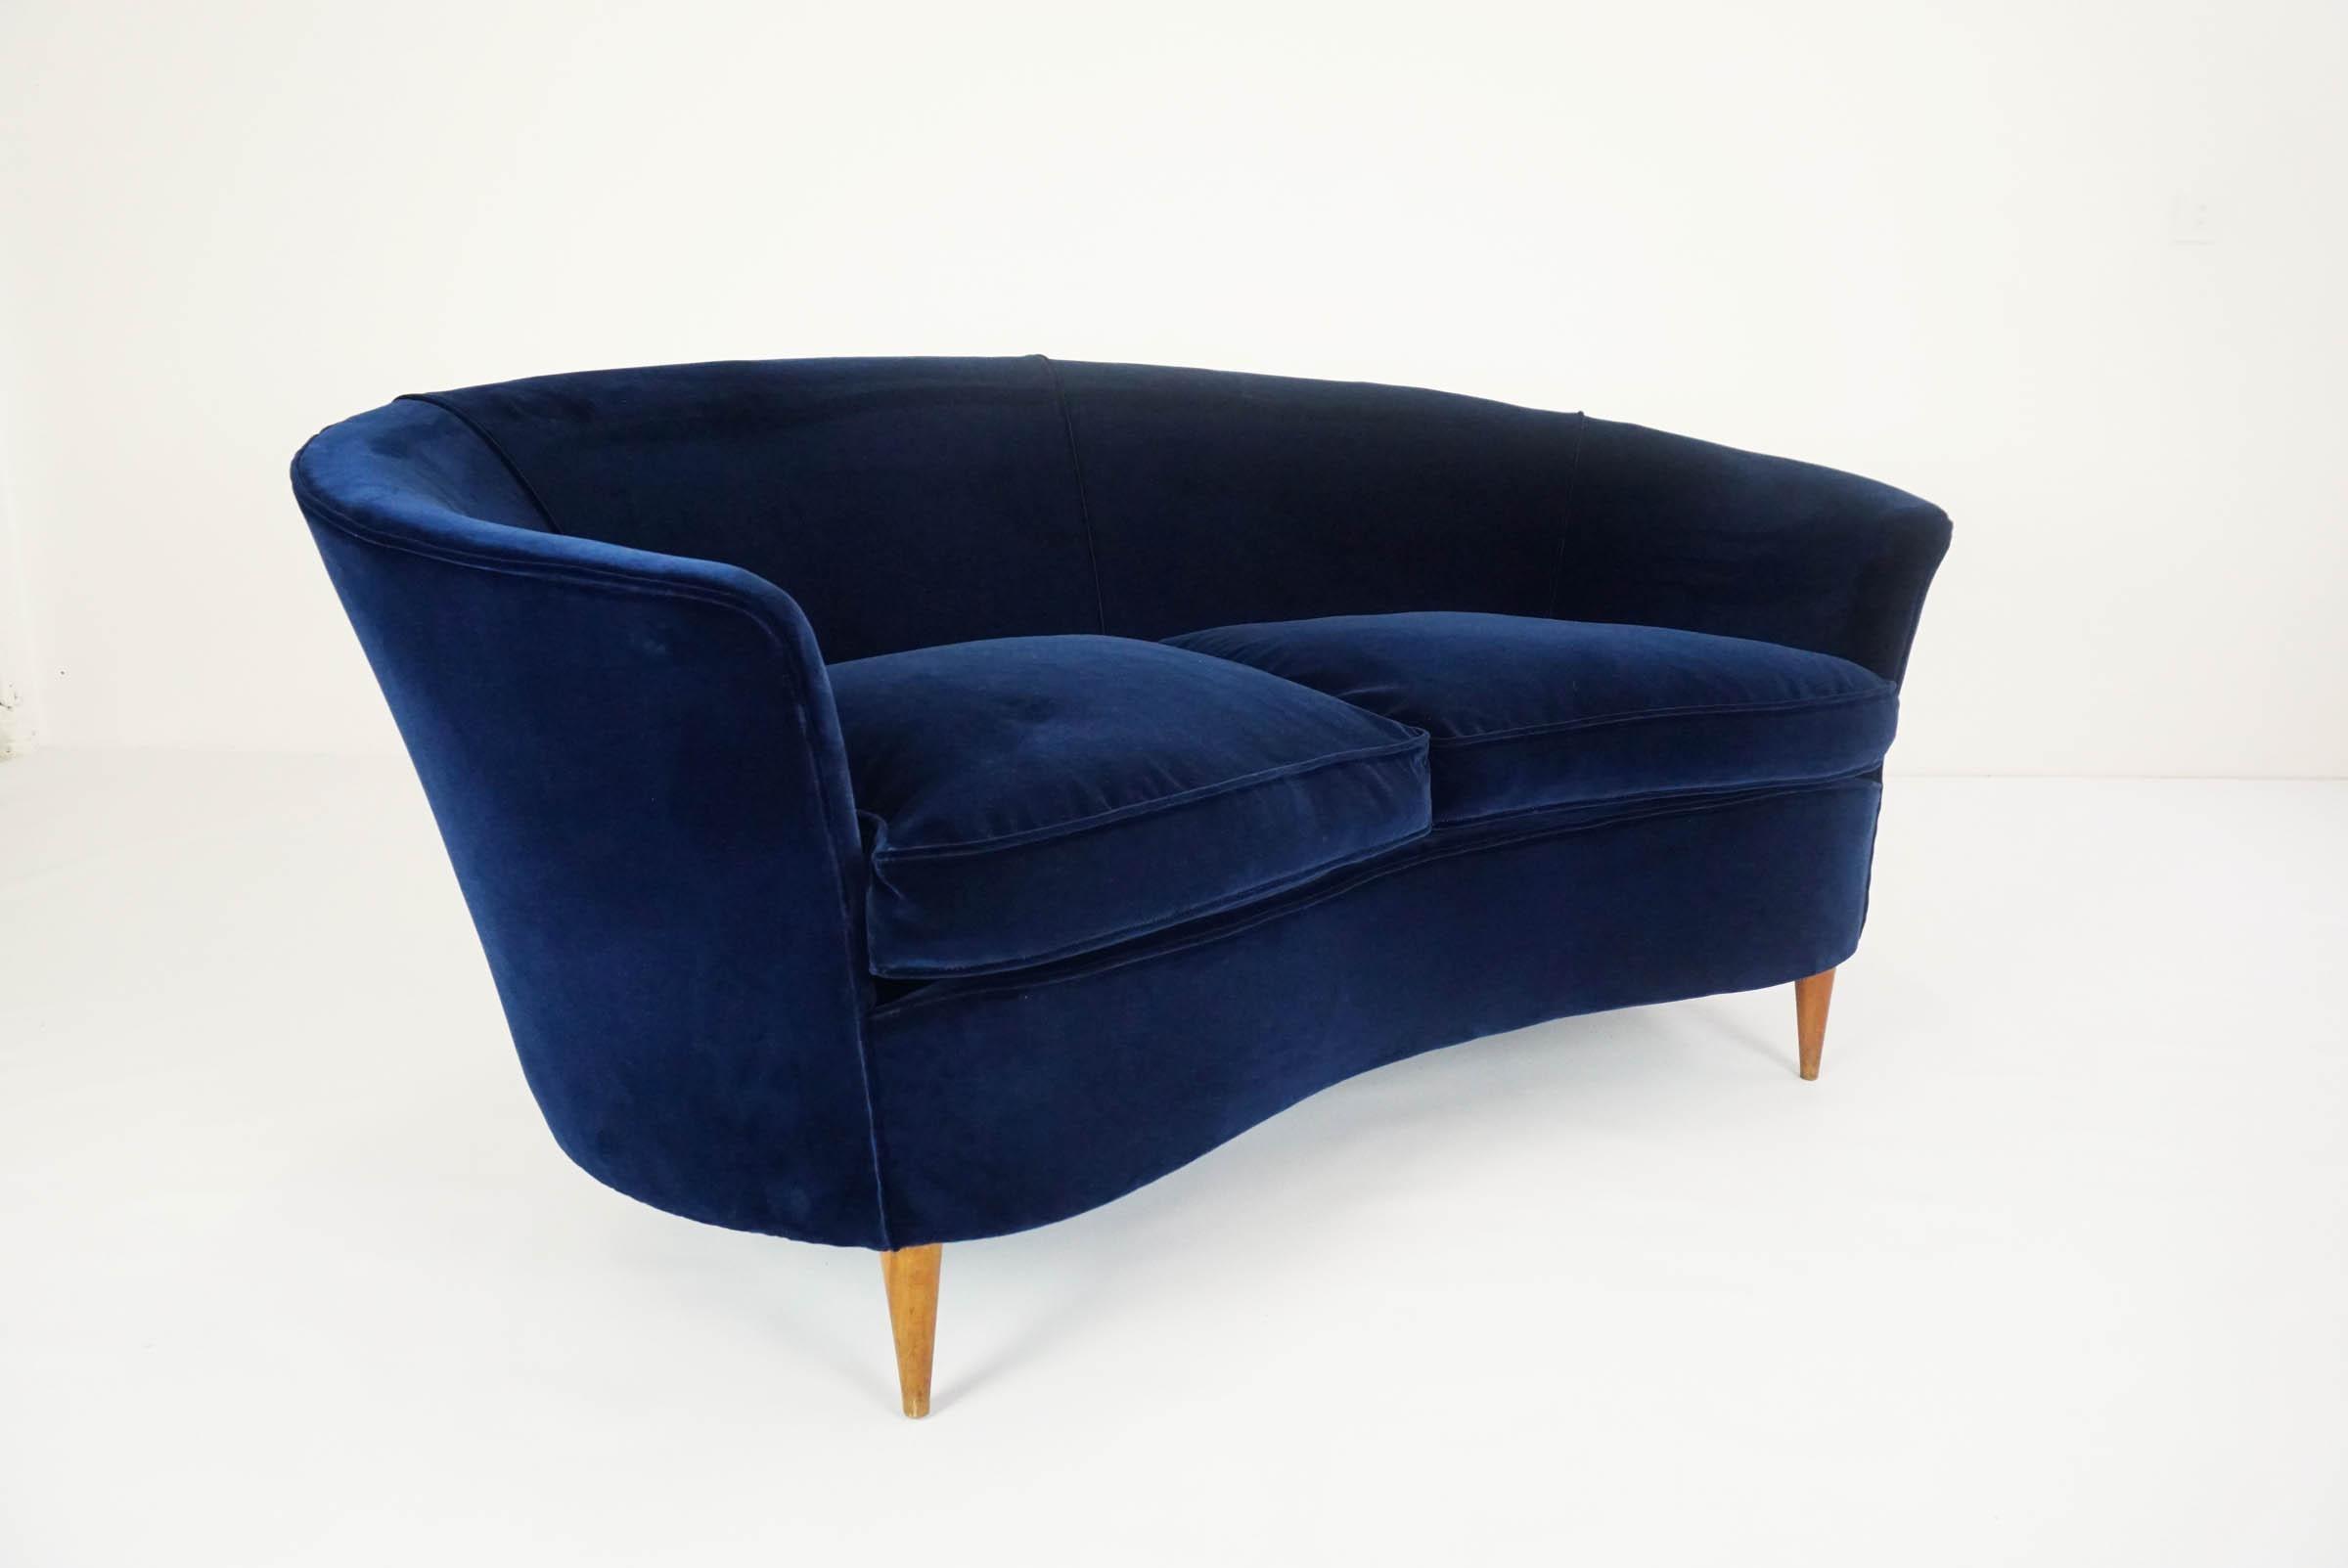 Lovely Small Curved Sofa In Luxury Blue Velvet At 1stdibs